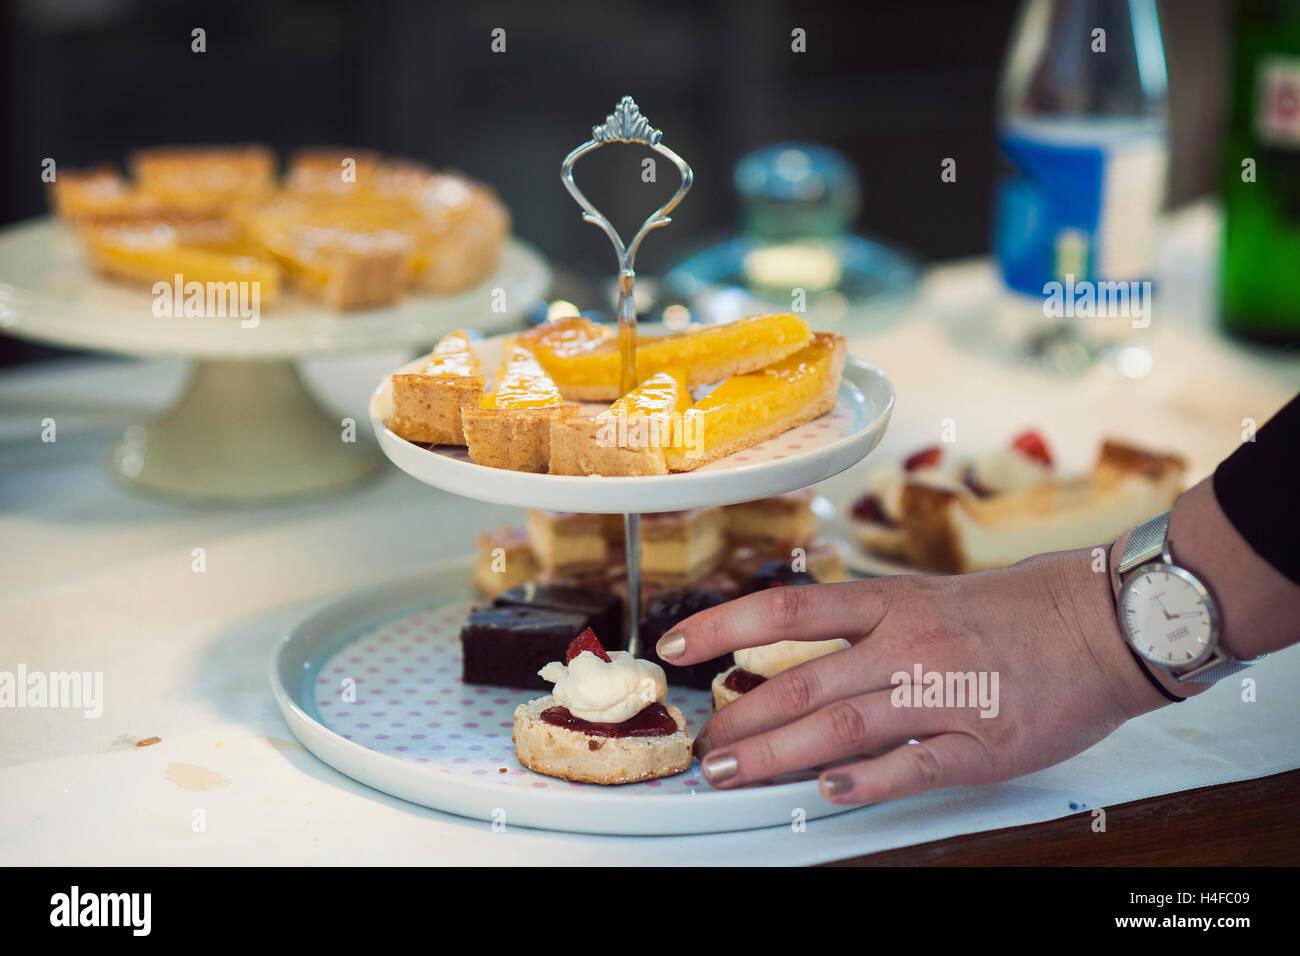 sehr lecker aussehenden Kuchen auf einem zweistufigen Stand mit einer Person die Hand zu nehmen Stockbild